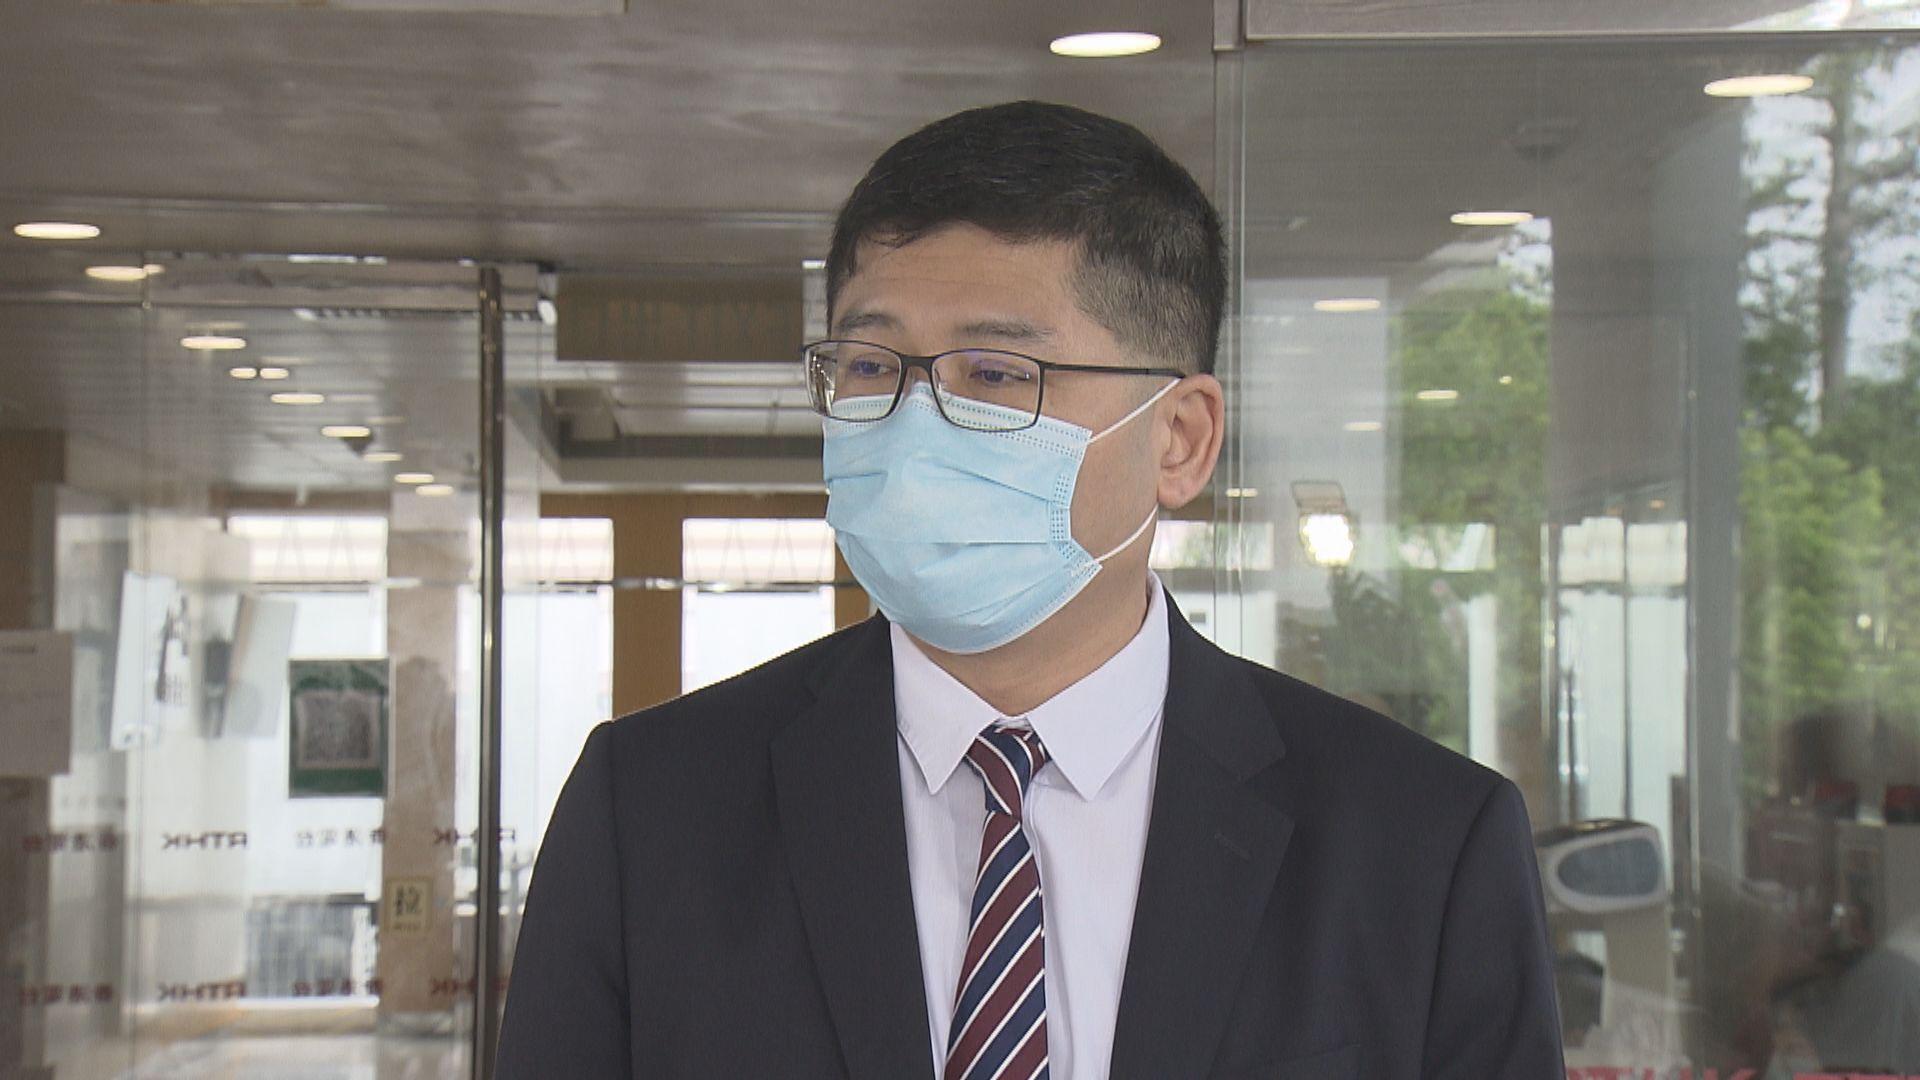 醫管局本月起擴公私營協作計劃 內科後擴至骨科